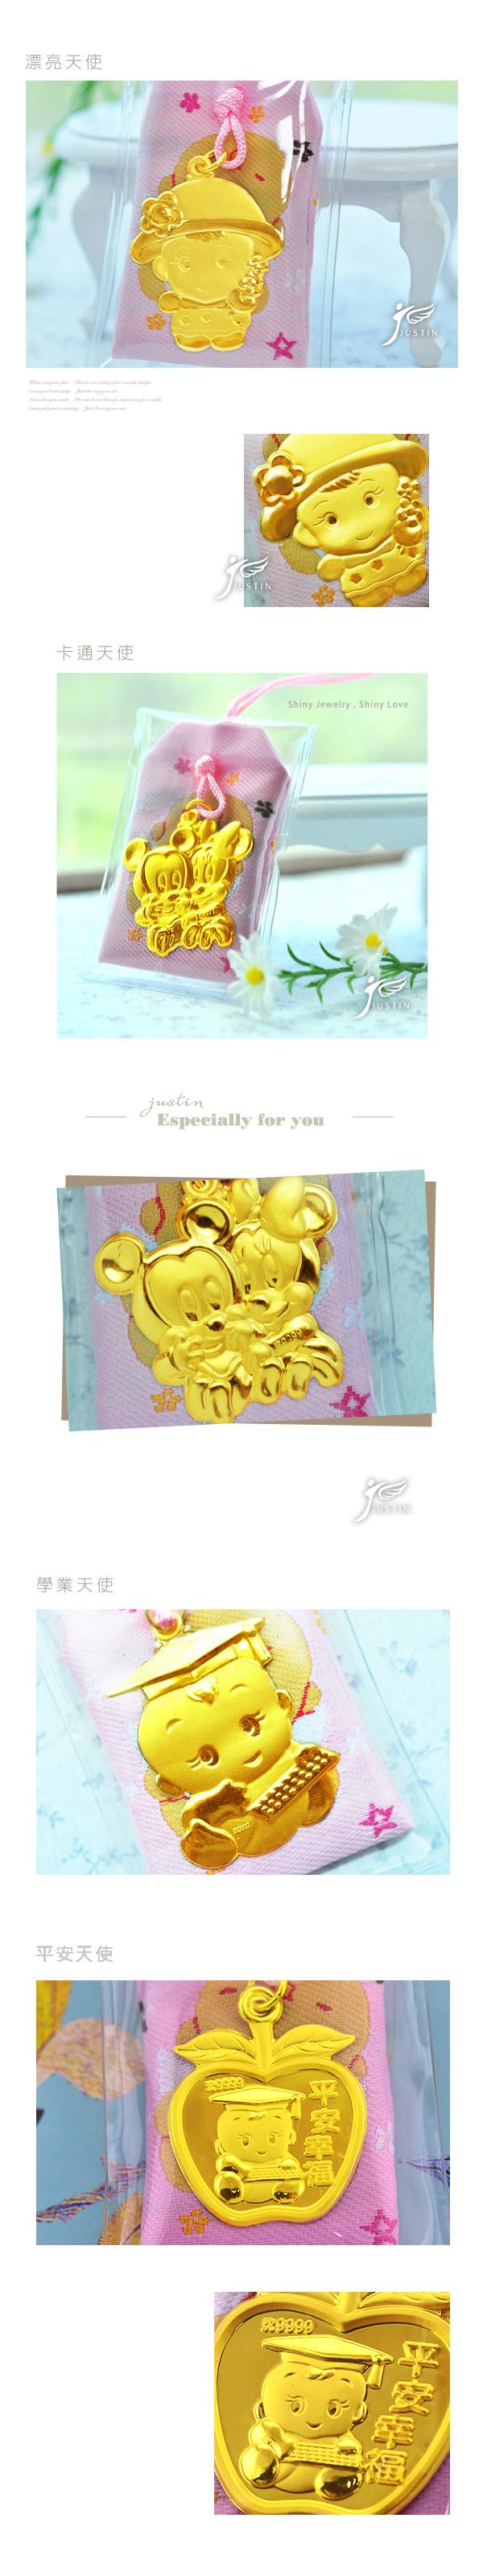 金緻品,金製品,黃金價格,金飾,金飾價格,黃金飾品,金飾店,純金,金飾品牌,黃金投資,寶寶禮物,平安福袋,彌月禮